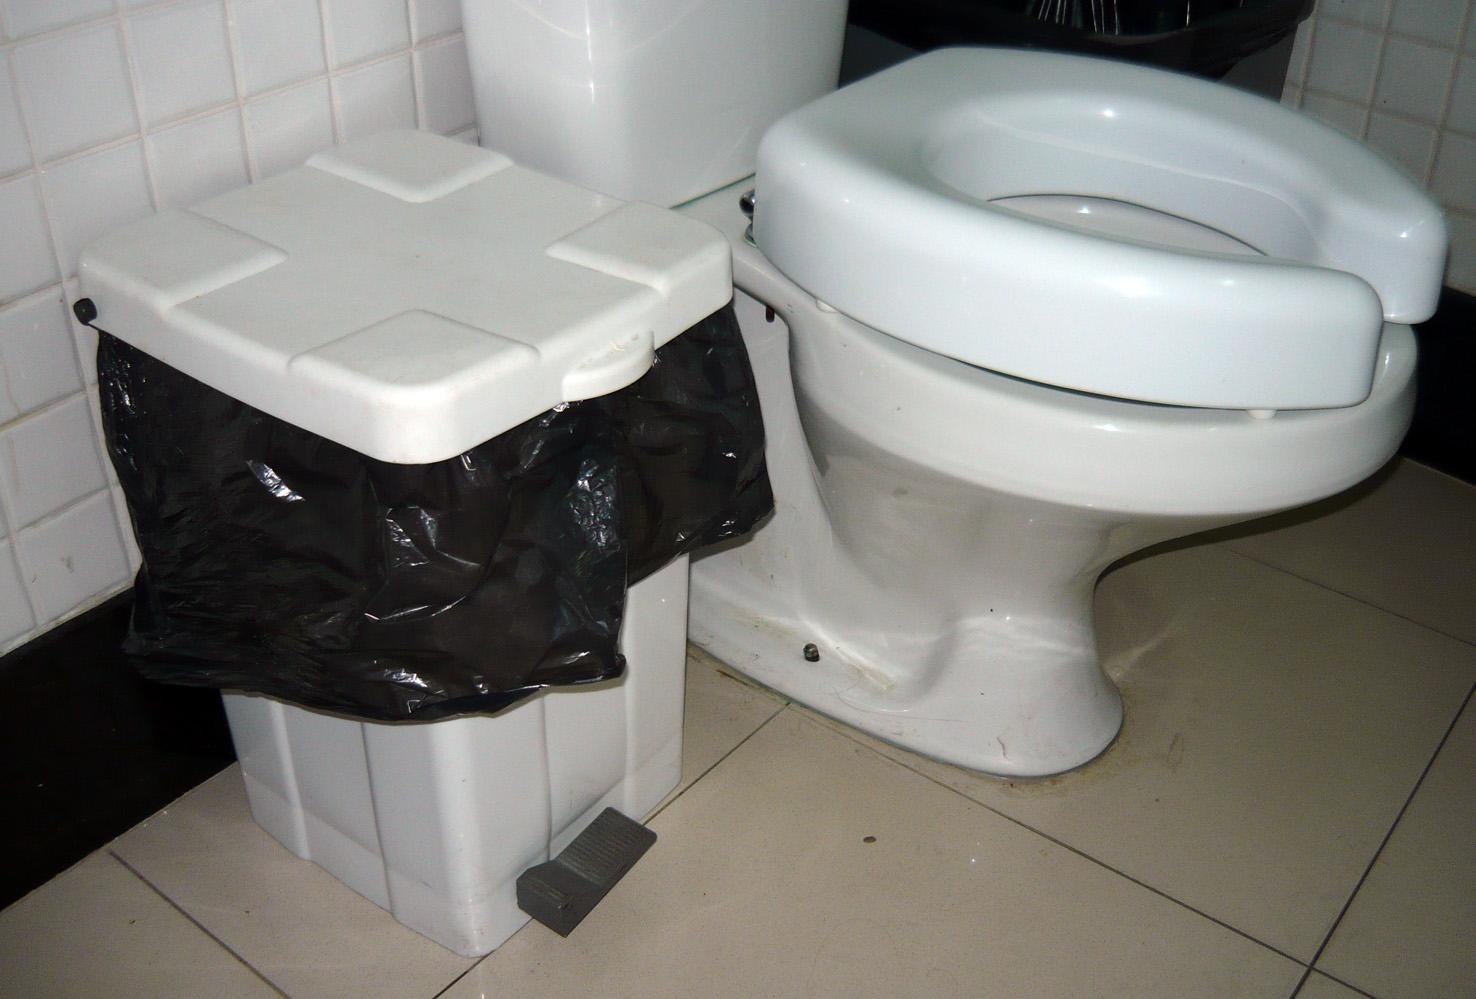 #585244 Histórias de Publicitária: Crueldade com os deficientes físicos. 1476x999 px Banheiro Para Deficiente Cad 2587